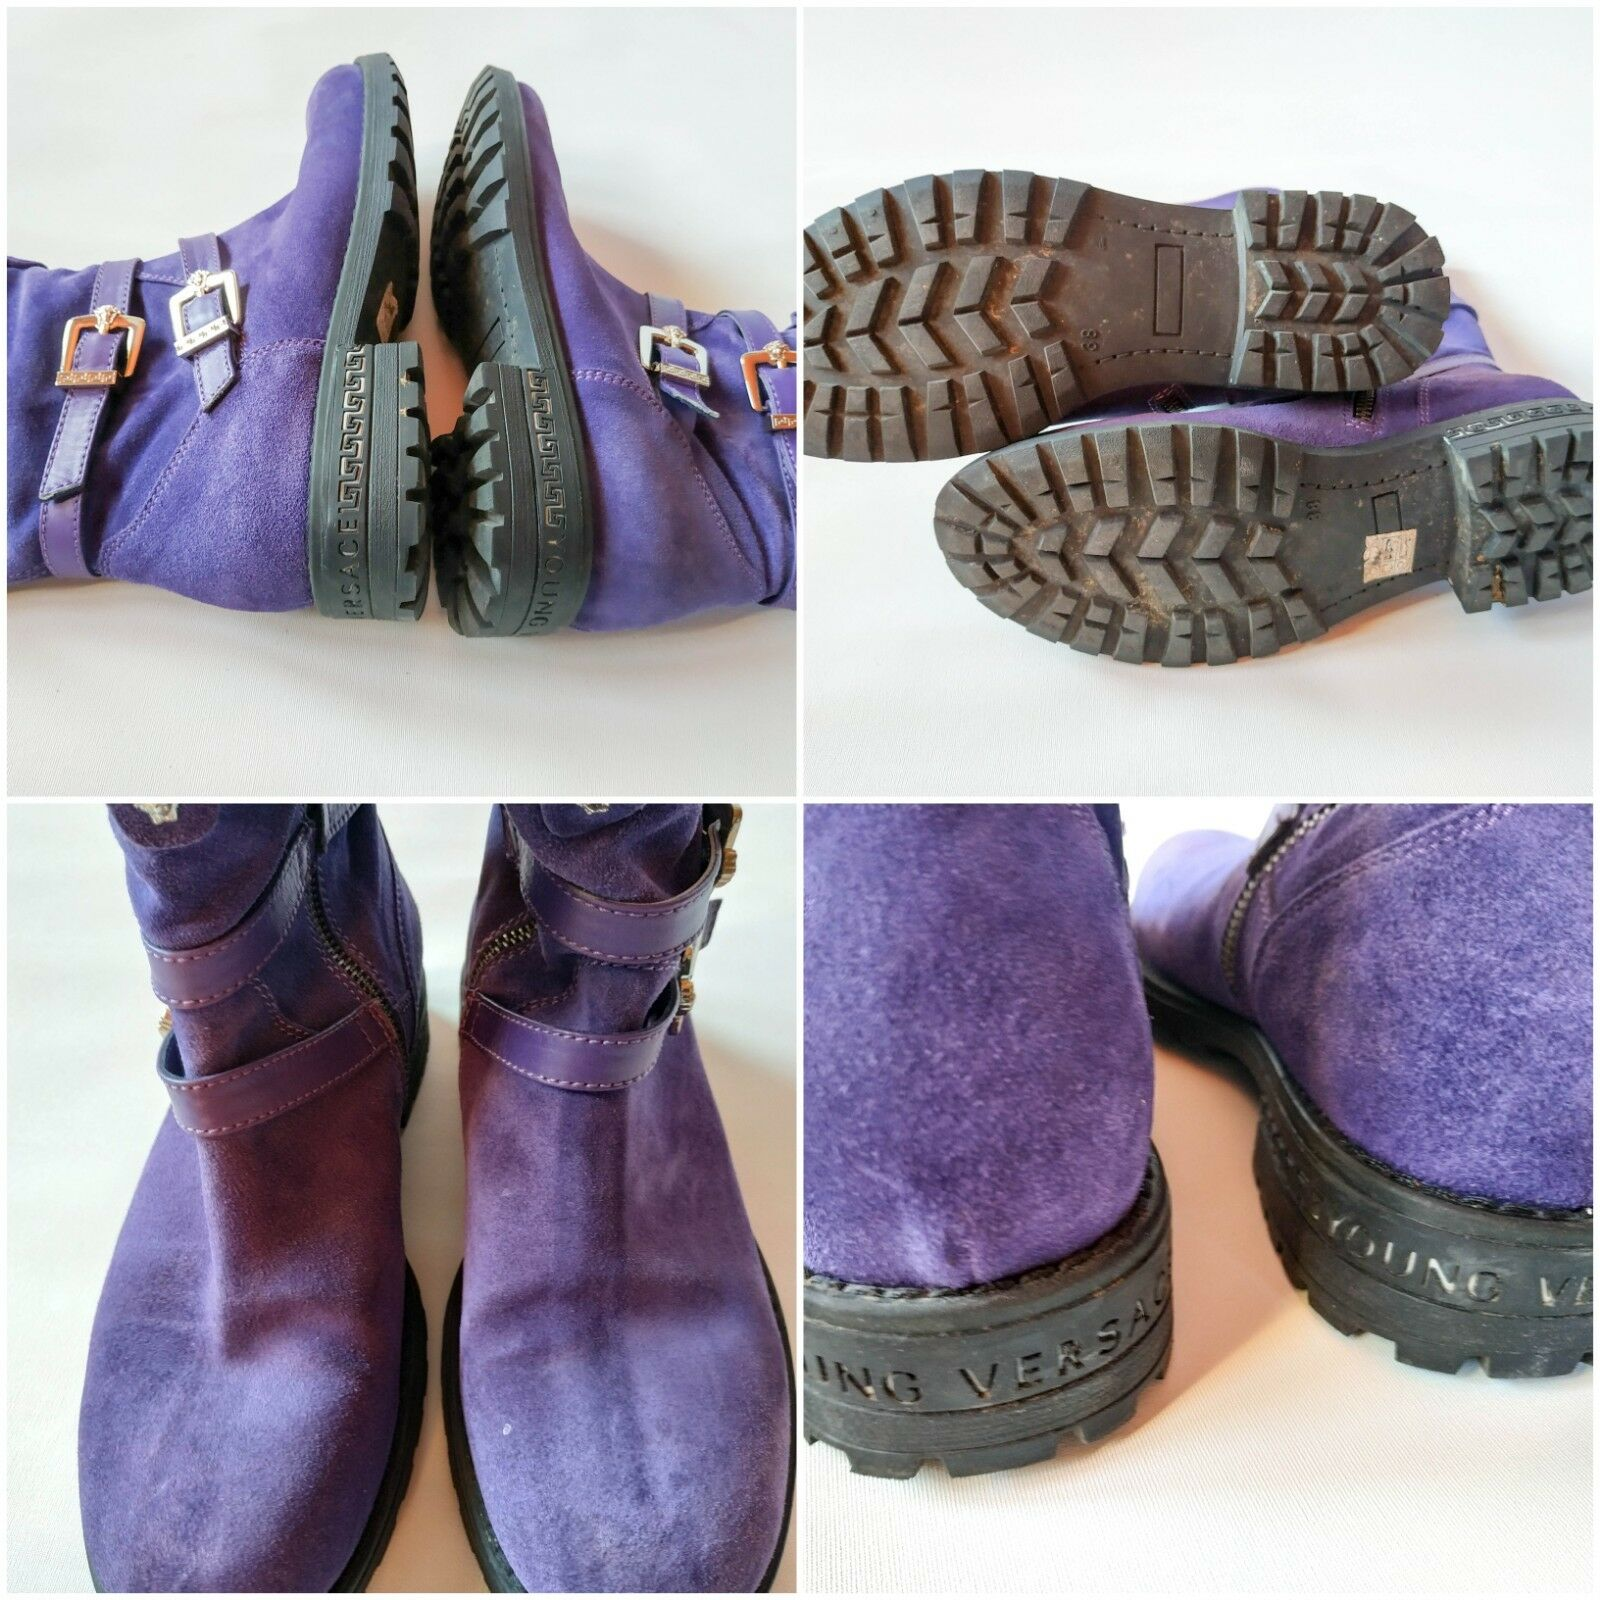 Versace Violet en en en Cuir et Daim Bottes Chaussures avec boucle dorée Taille 5 avec boite fa145f